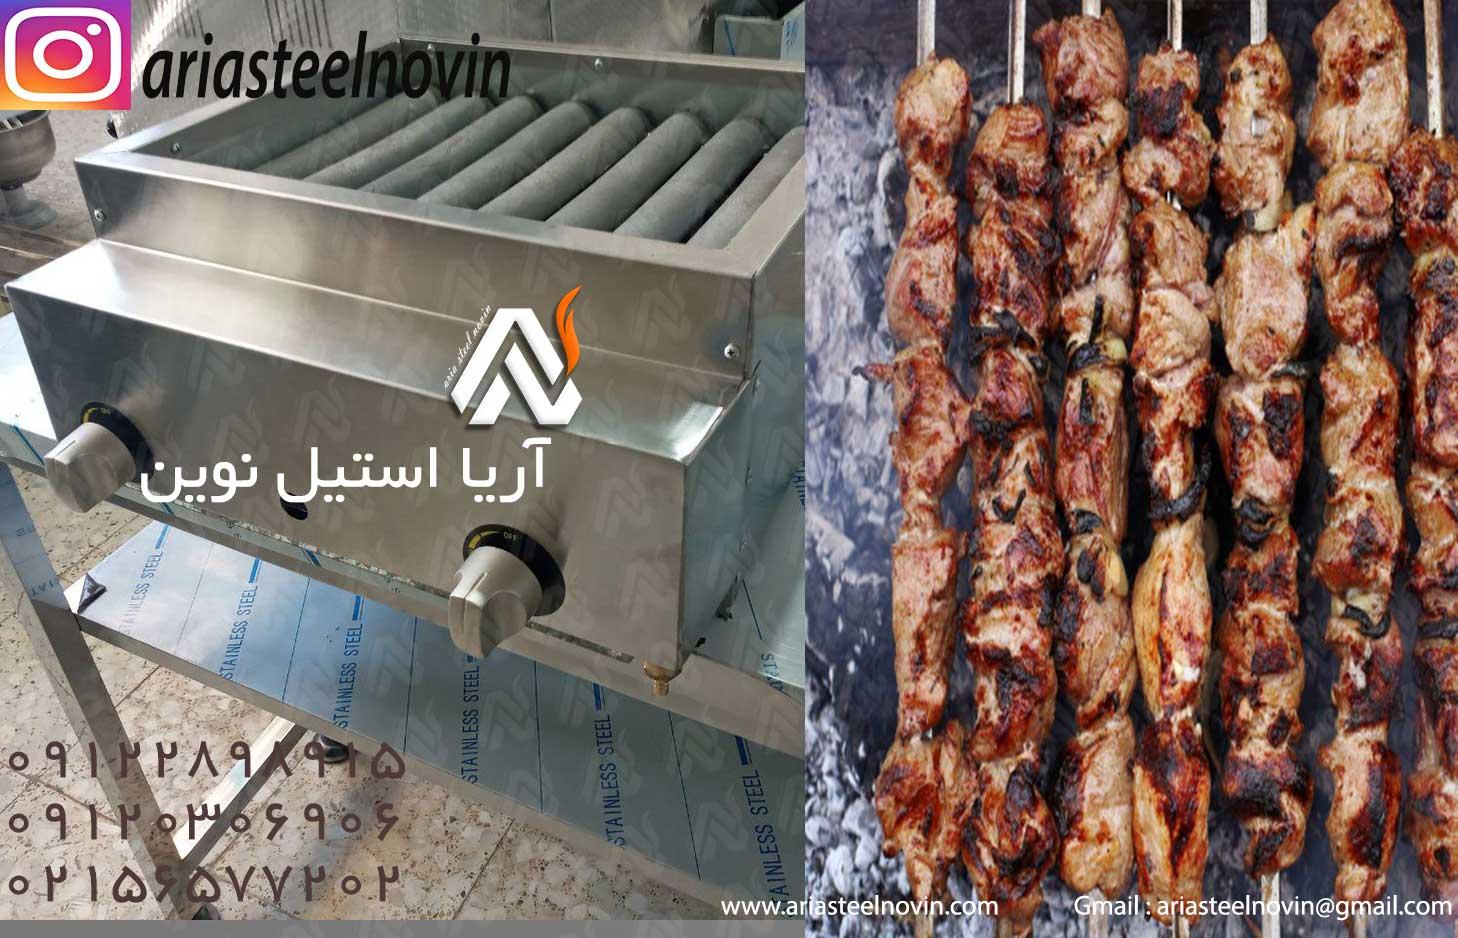 کباب-پز-خانگی-رومیزی-استیل